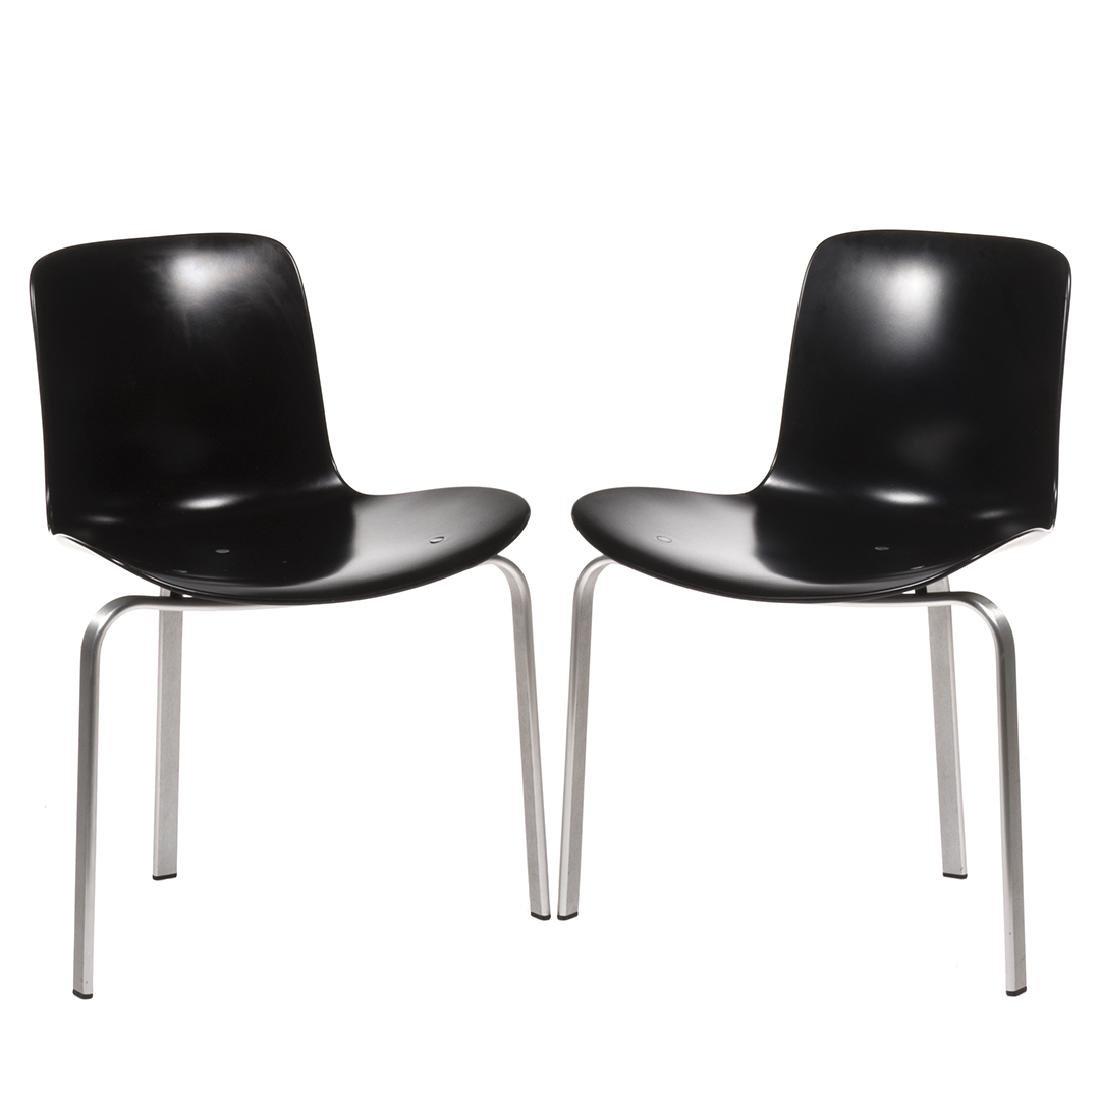 Poul Kjaerholm PK-8 Chairs (2)